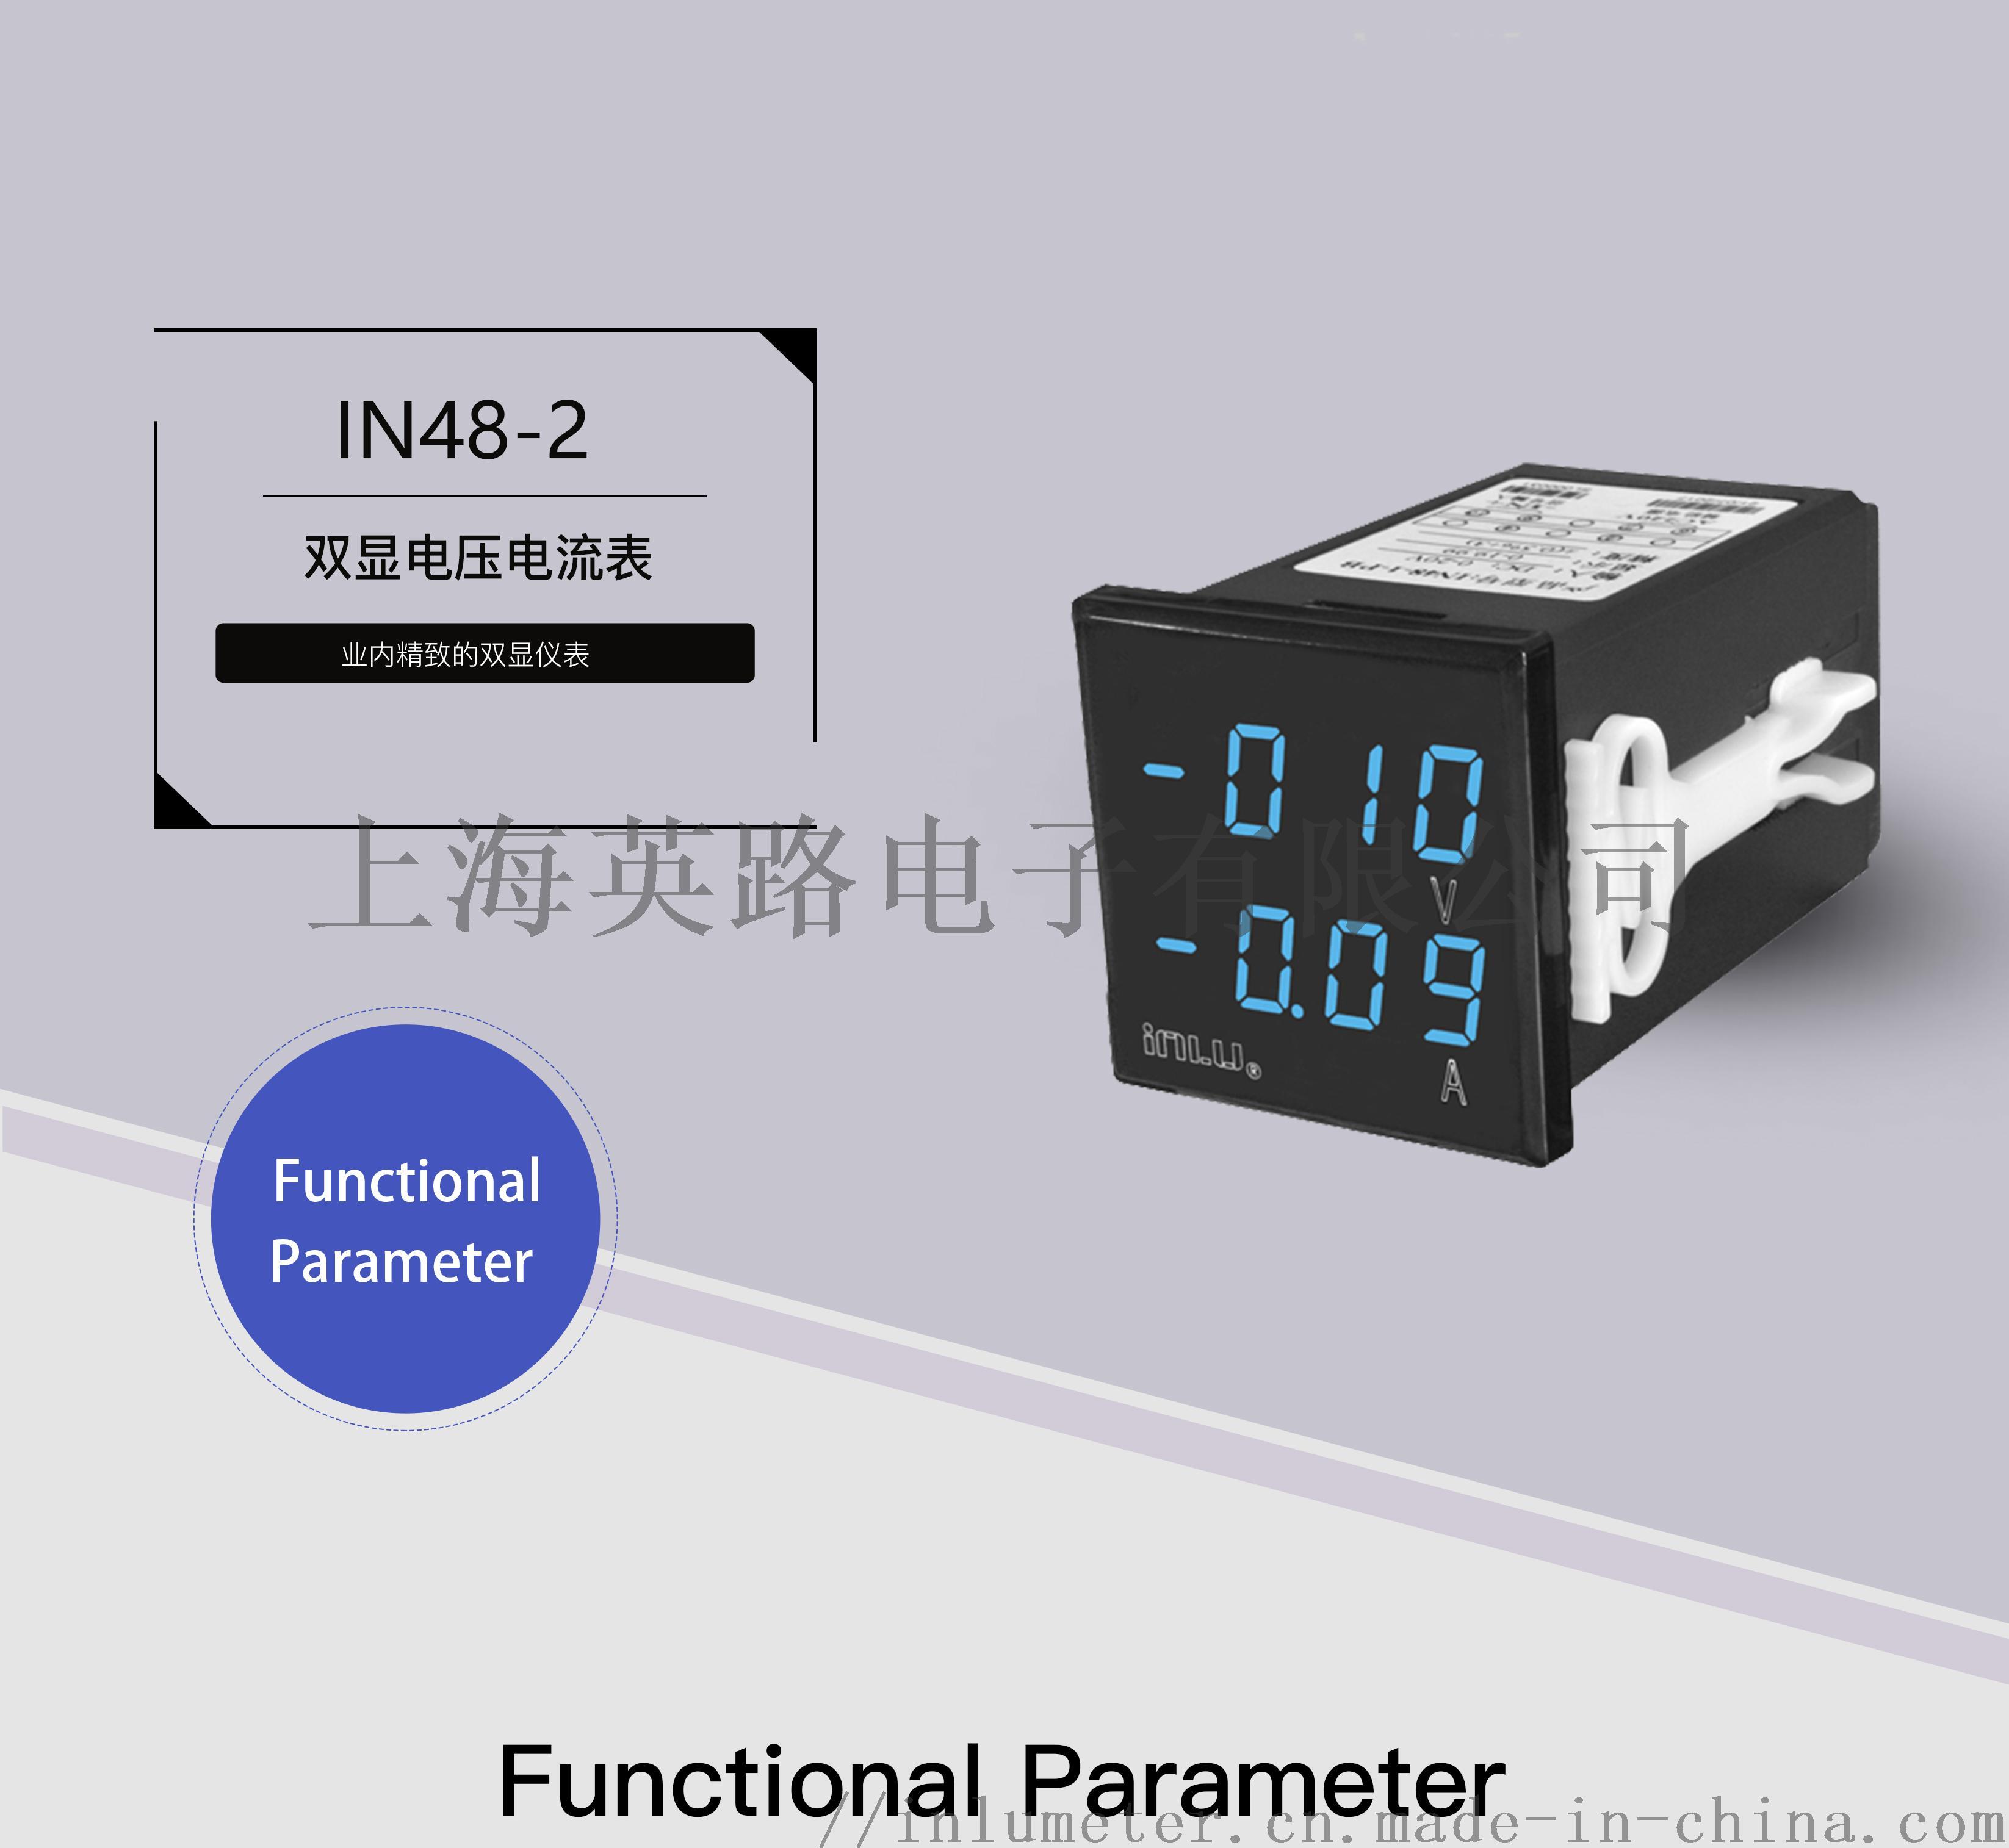 供应IN48-2 双显电压电流表149379795